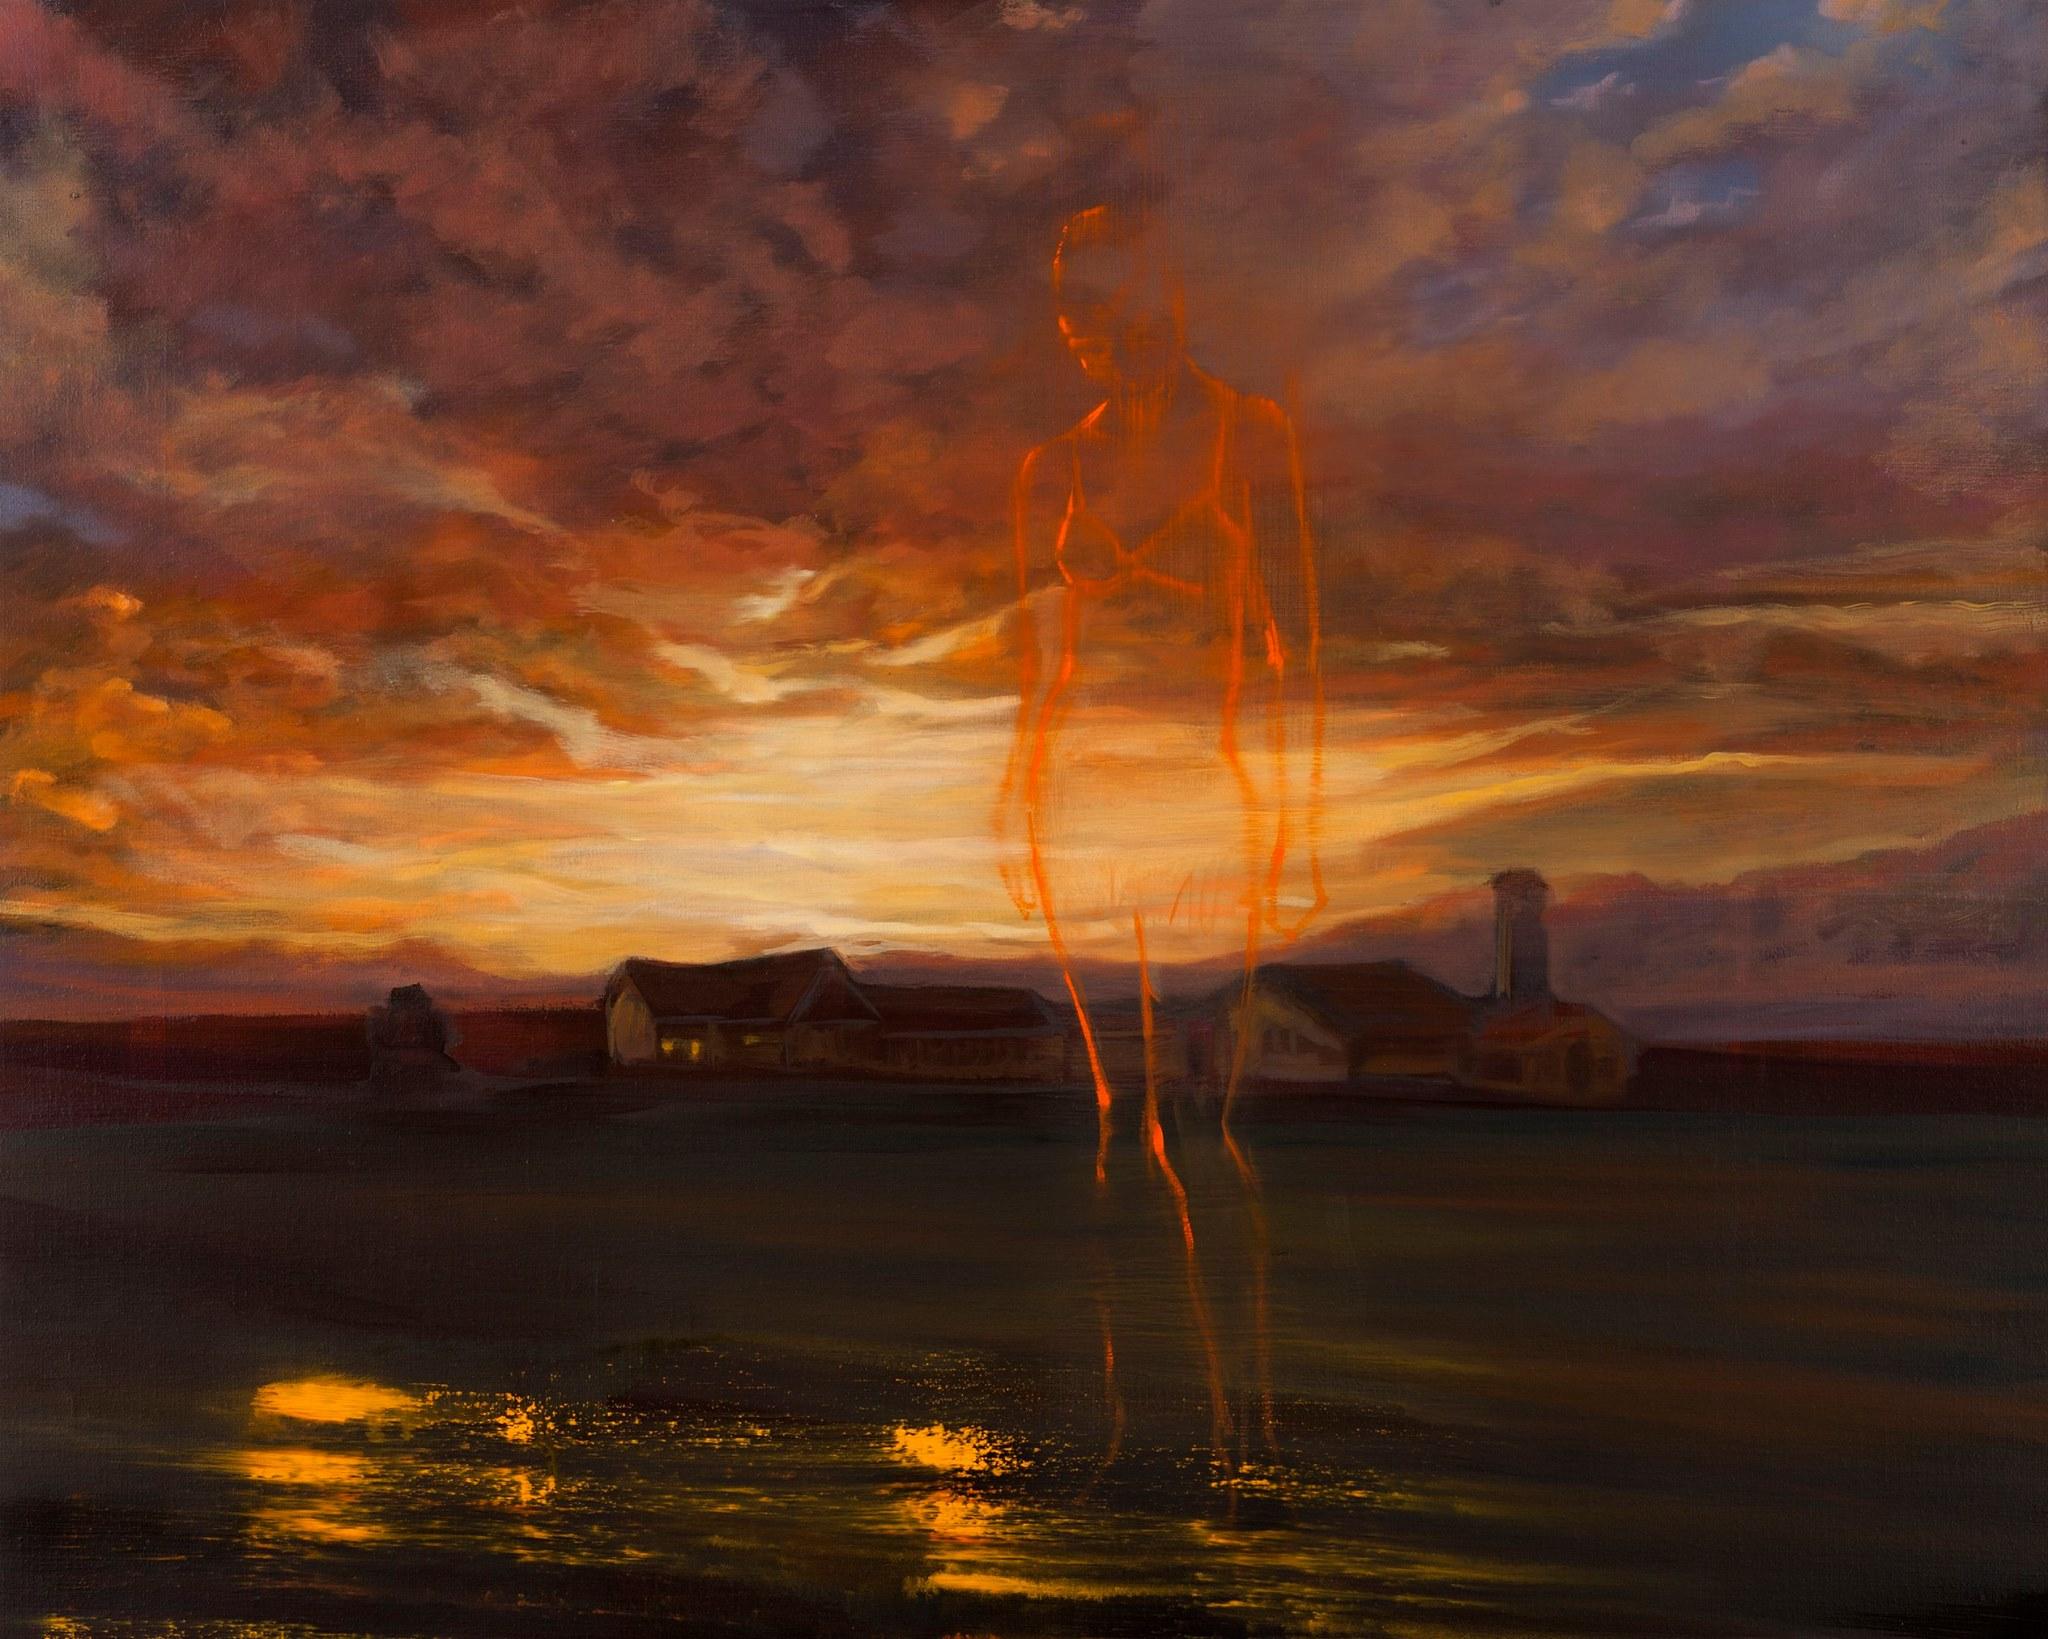 Sunset Diane. Huile sur toile – 73 x 92 cm – 2015